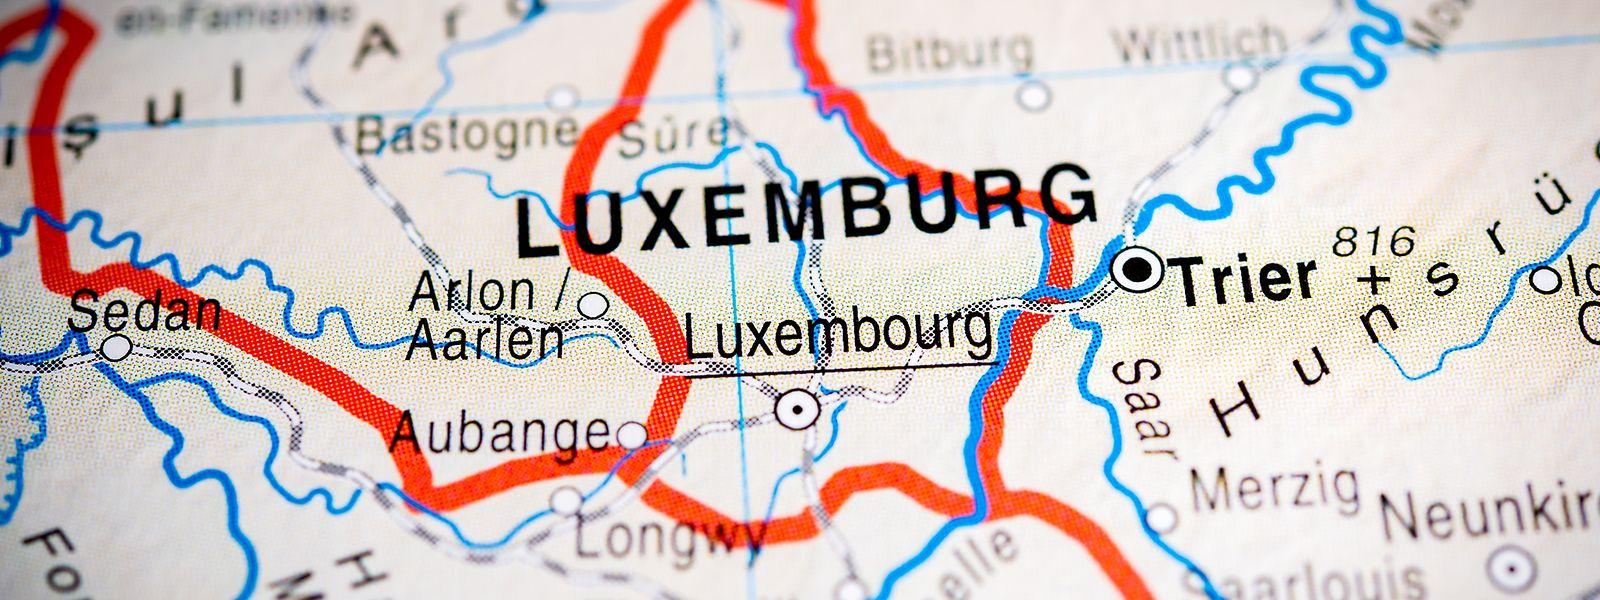 Luxemburgs Landkarte wurde im Laufe der Zeit immer wieder neu gezeichnet.